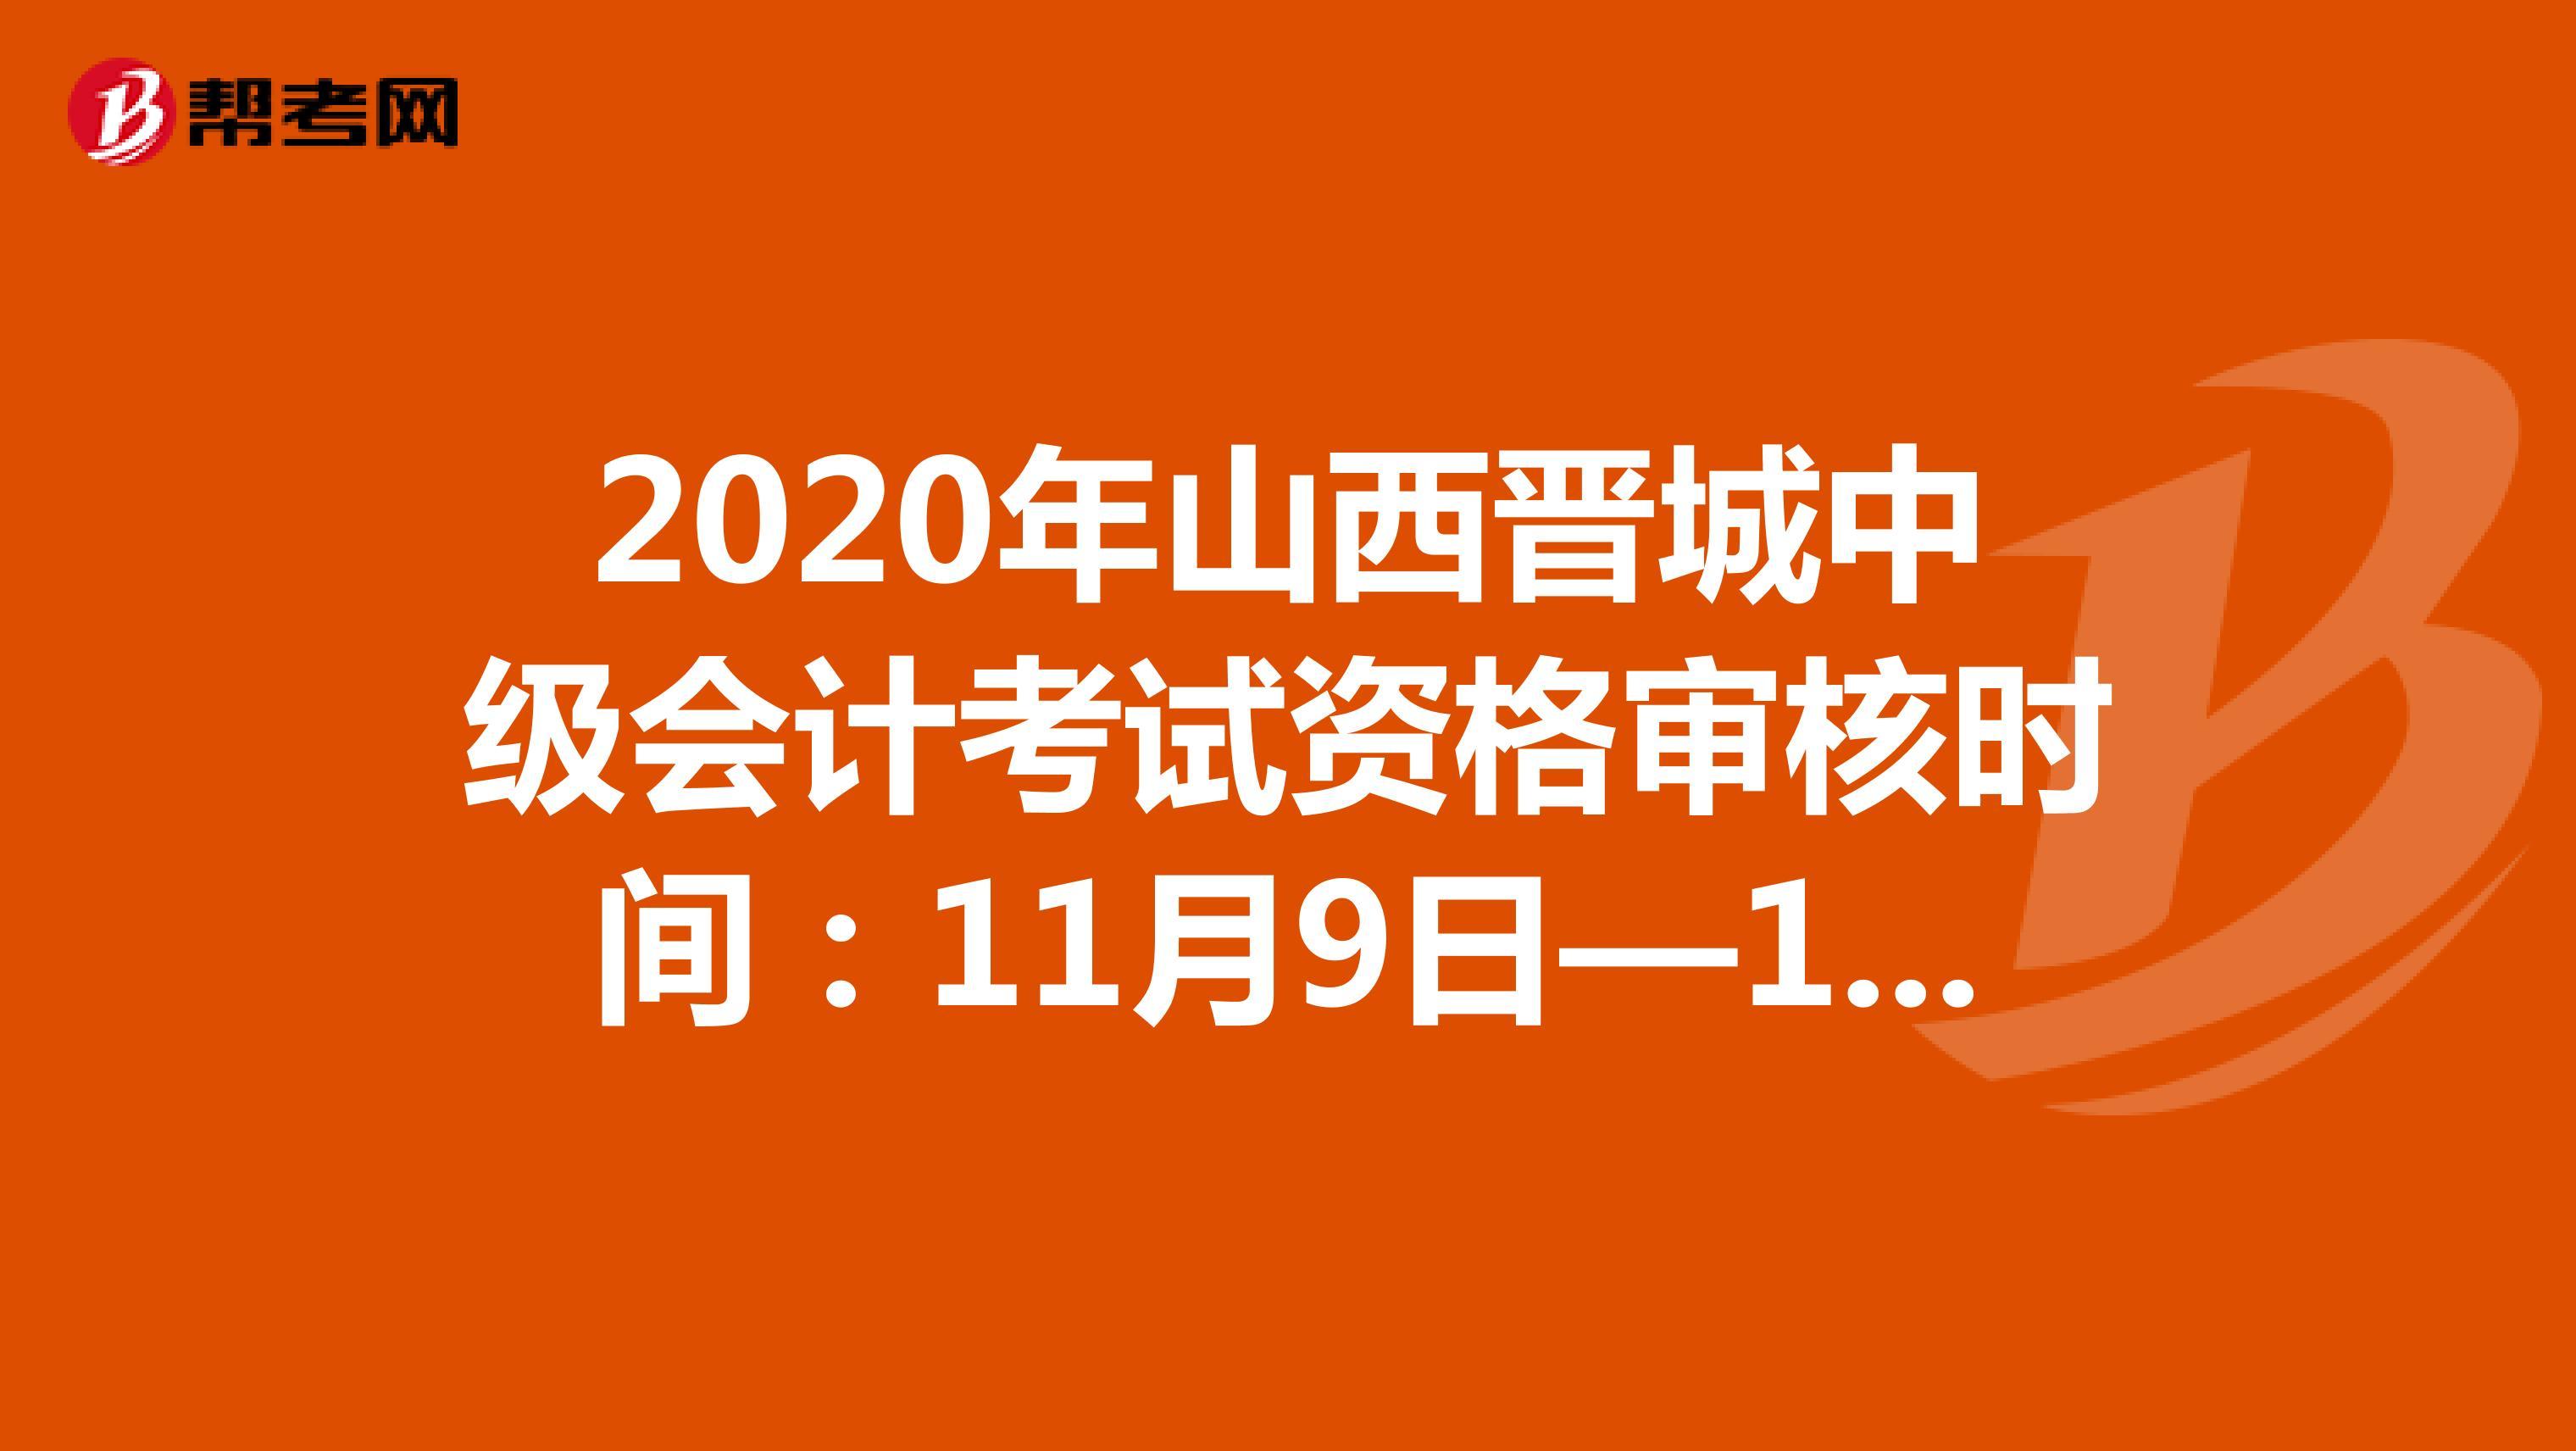 2020年山西晋城中级会计考试资格审核时间:11月9日—11月13日